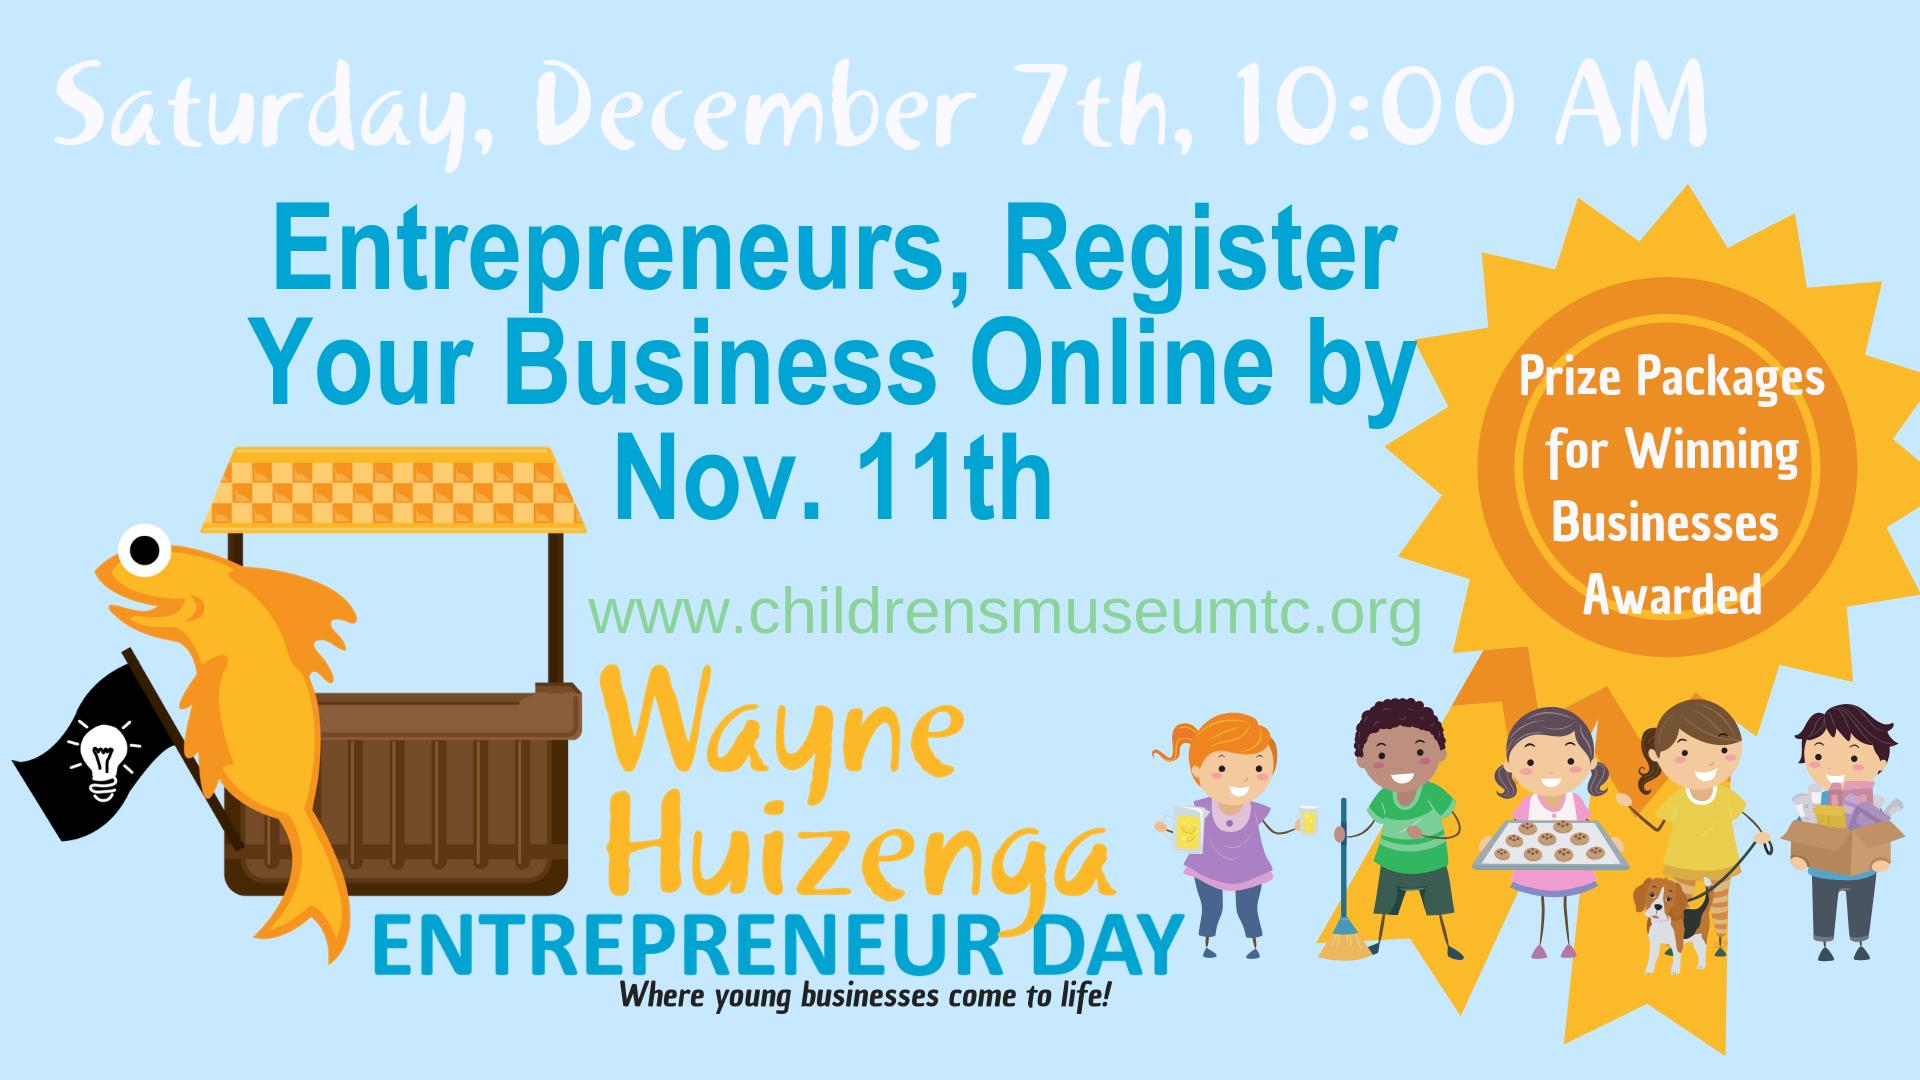 Wayne Huizenga Entrepreneur Day FB Cover (1).png